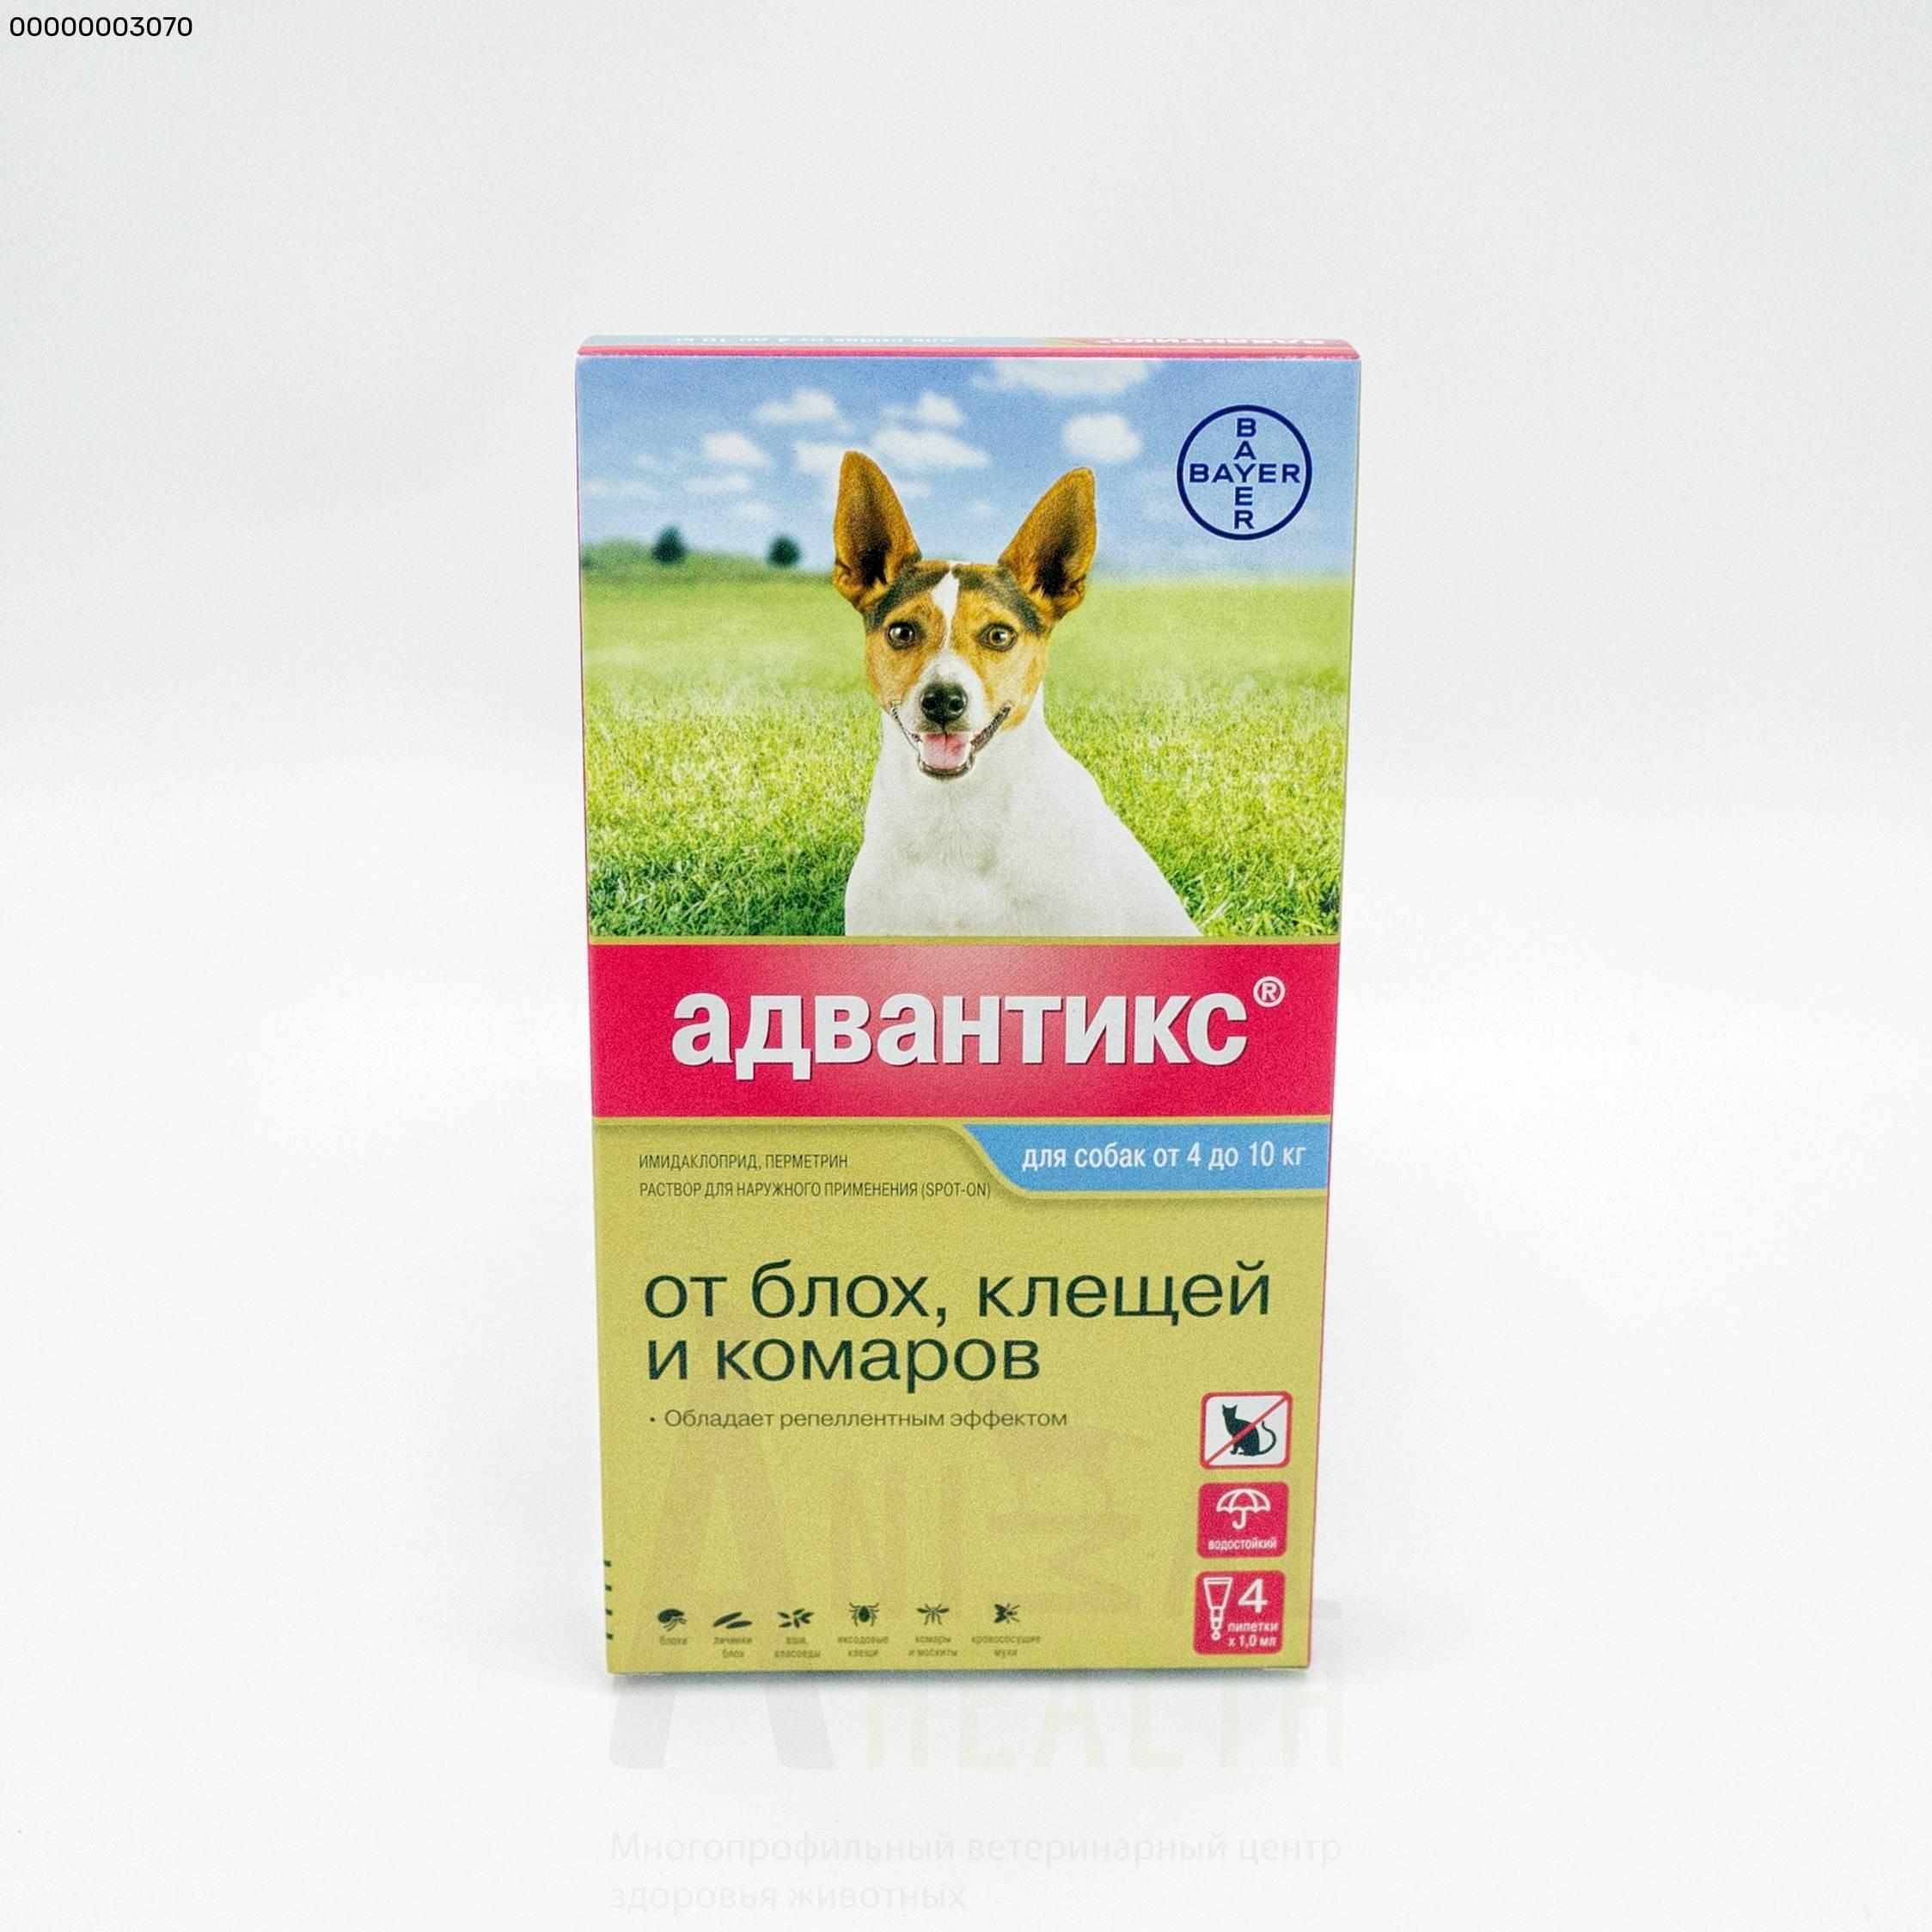 Адвантикс капли для собак: инструкция по применению, отзывы, аналоги